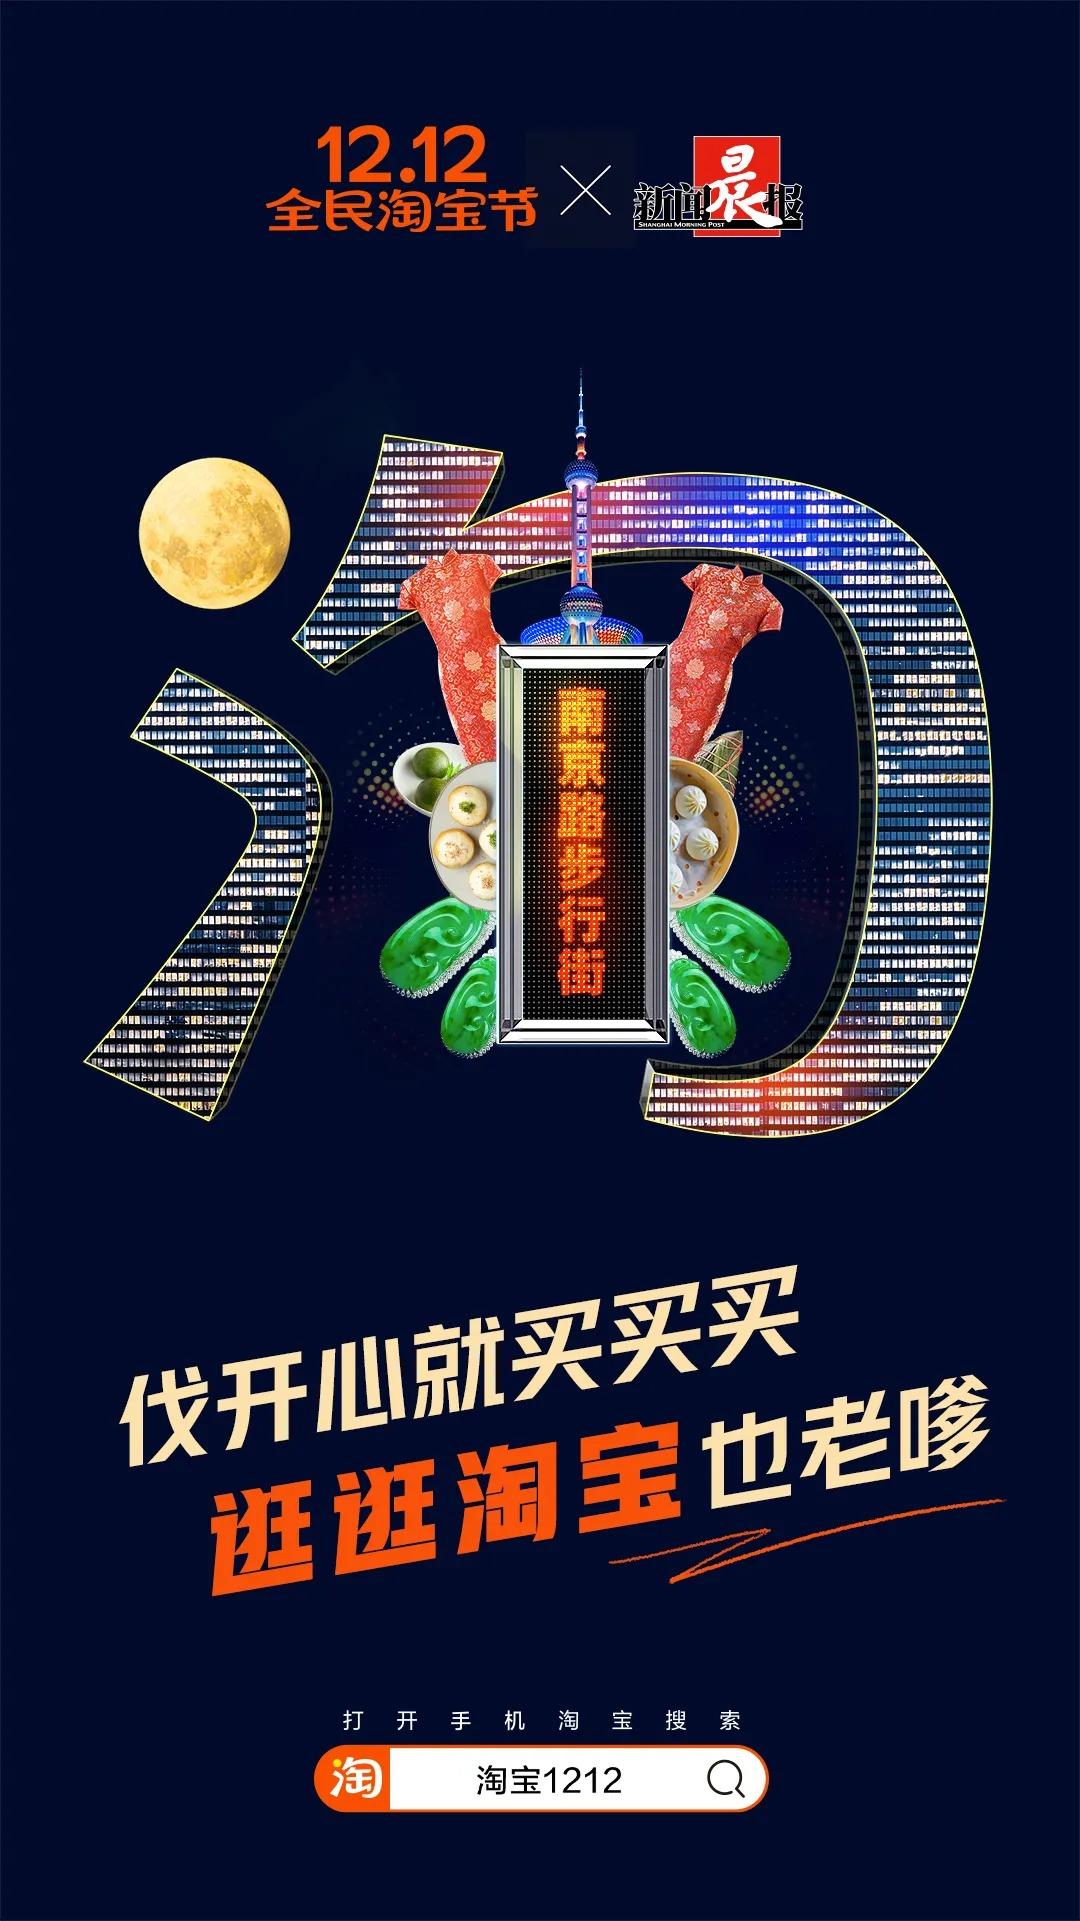 劝君更尽一杯酒作者_以中国34个省市为主题,淘宝双12海报设计 - 设计之家